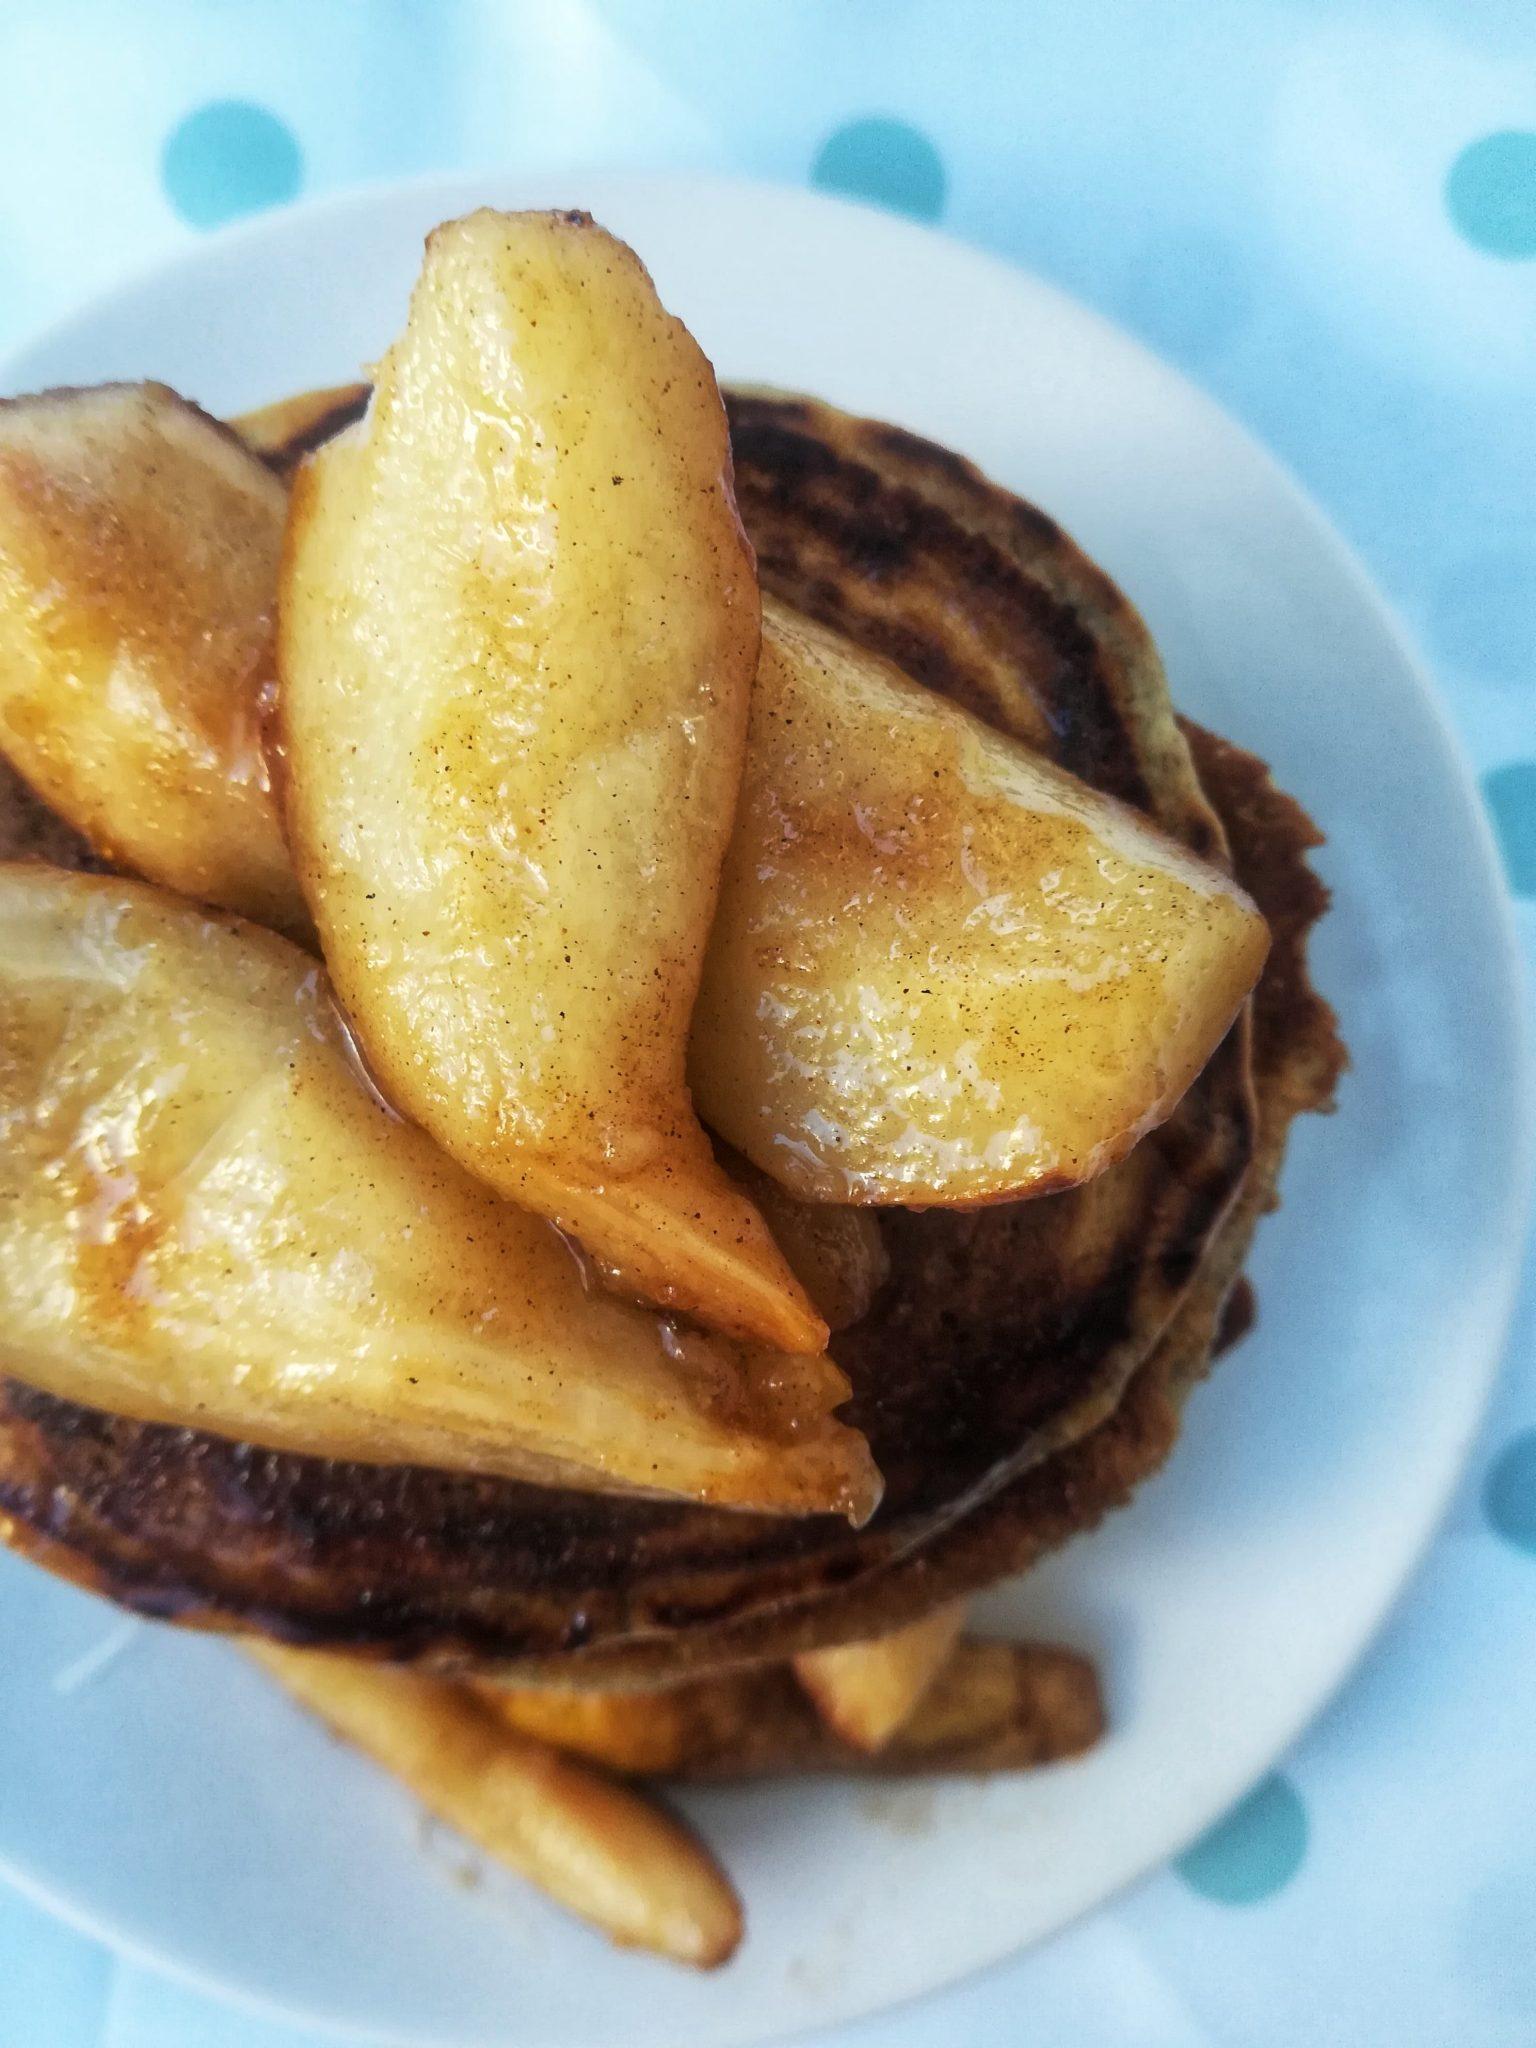 Clatite pufoase cu pere caramelizate (vegane)